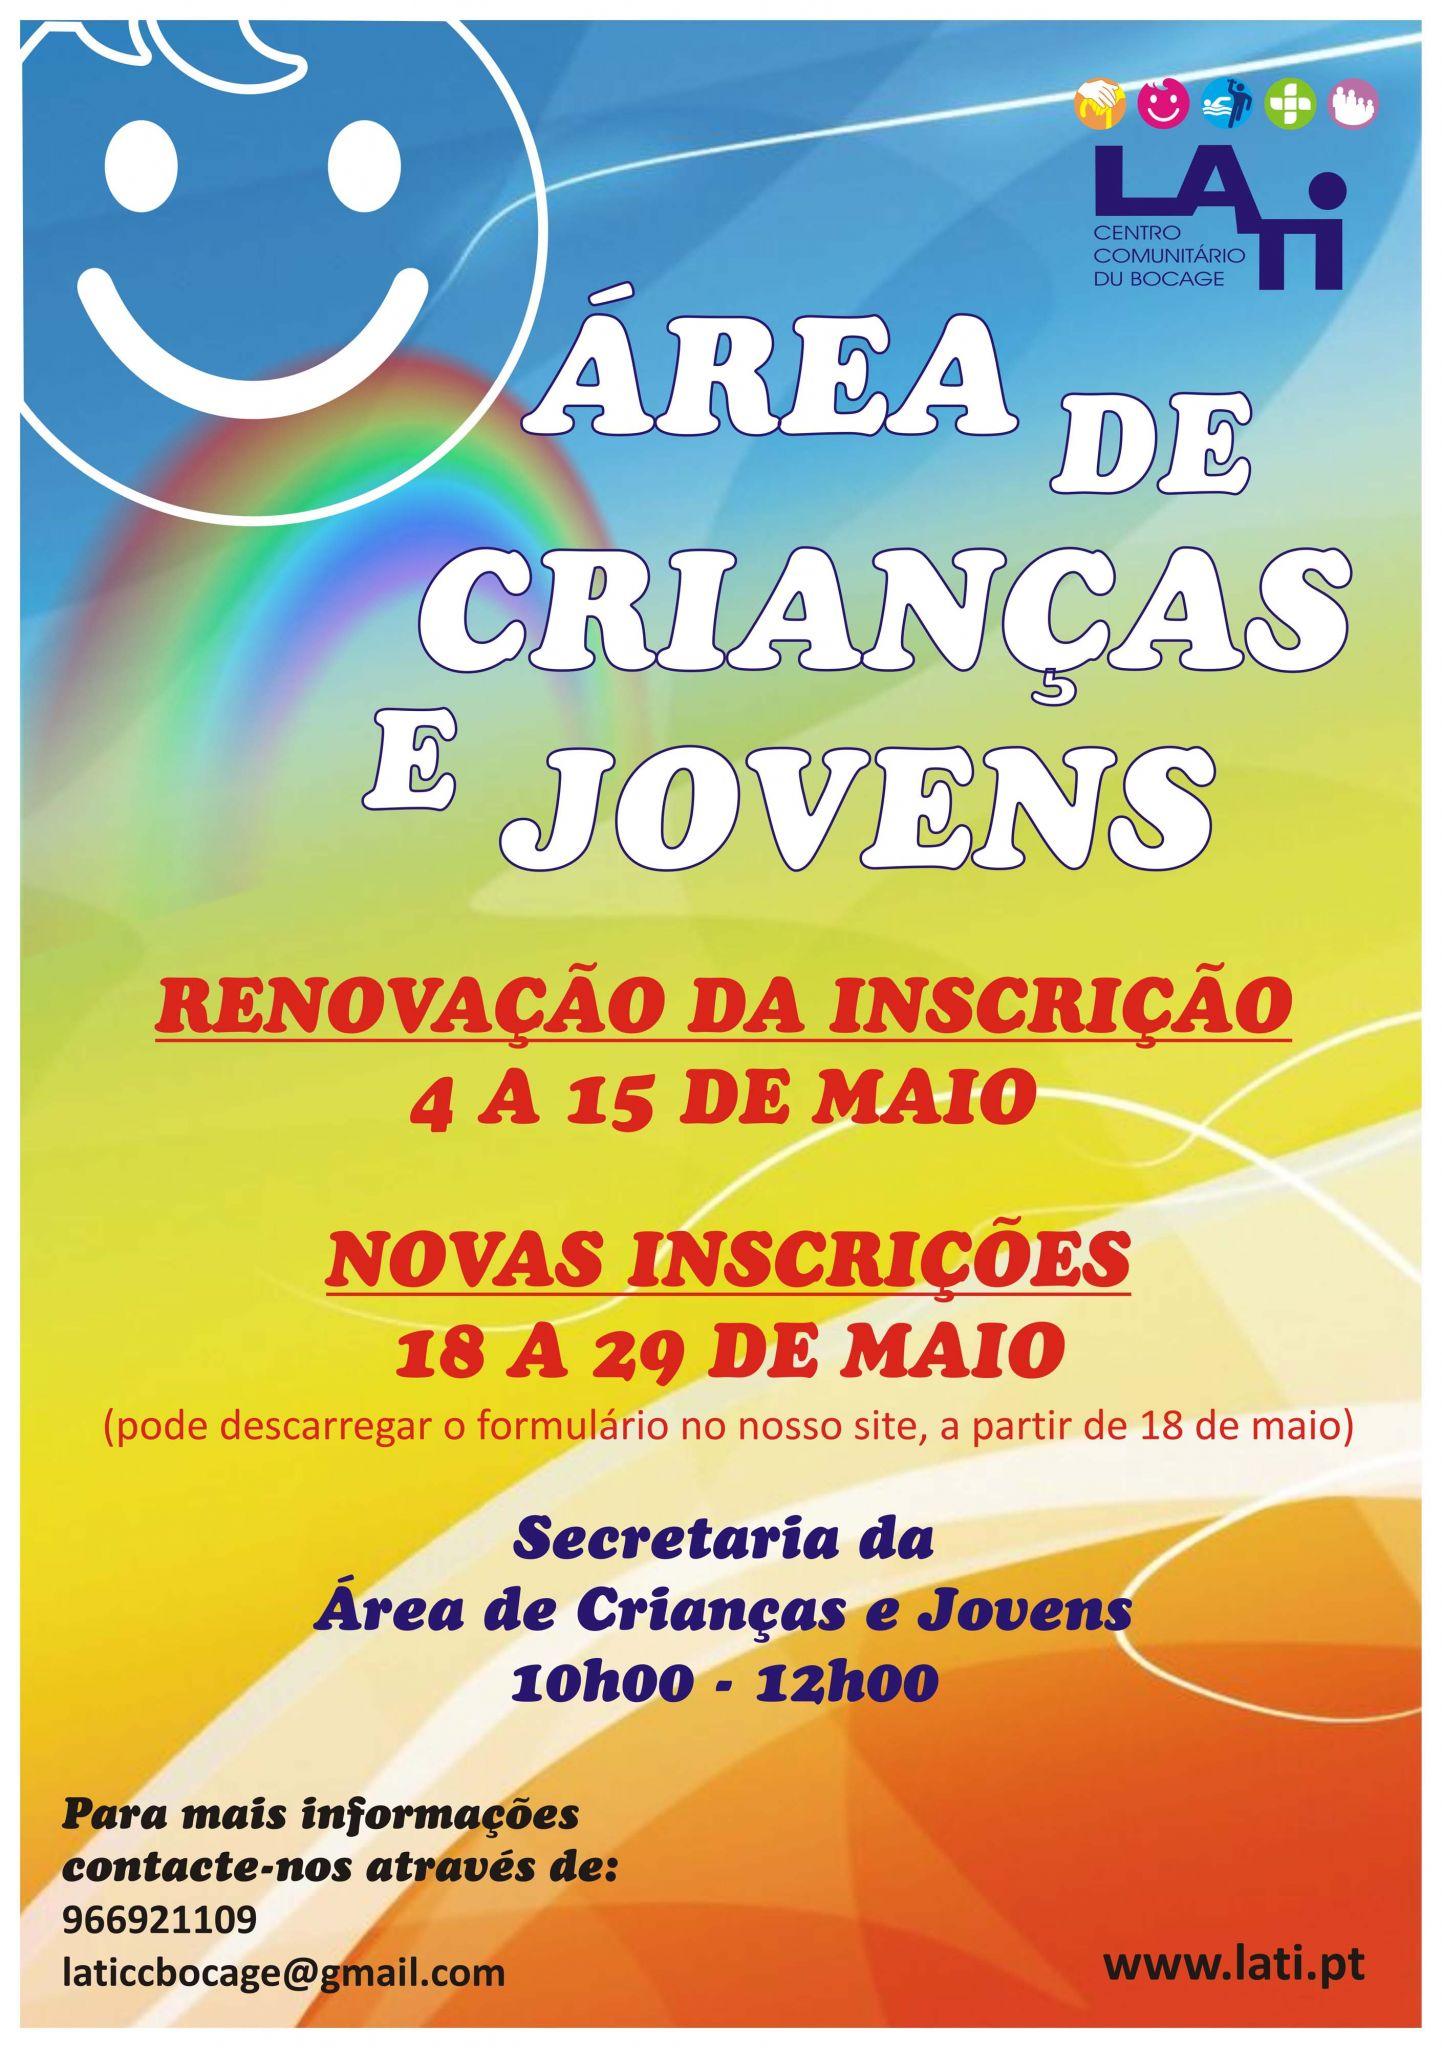 Abertas as Renovações/ Inscrições na Área de Crianças e Jovens